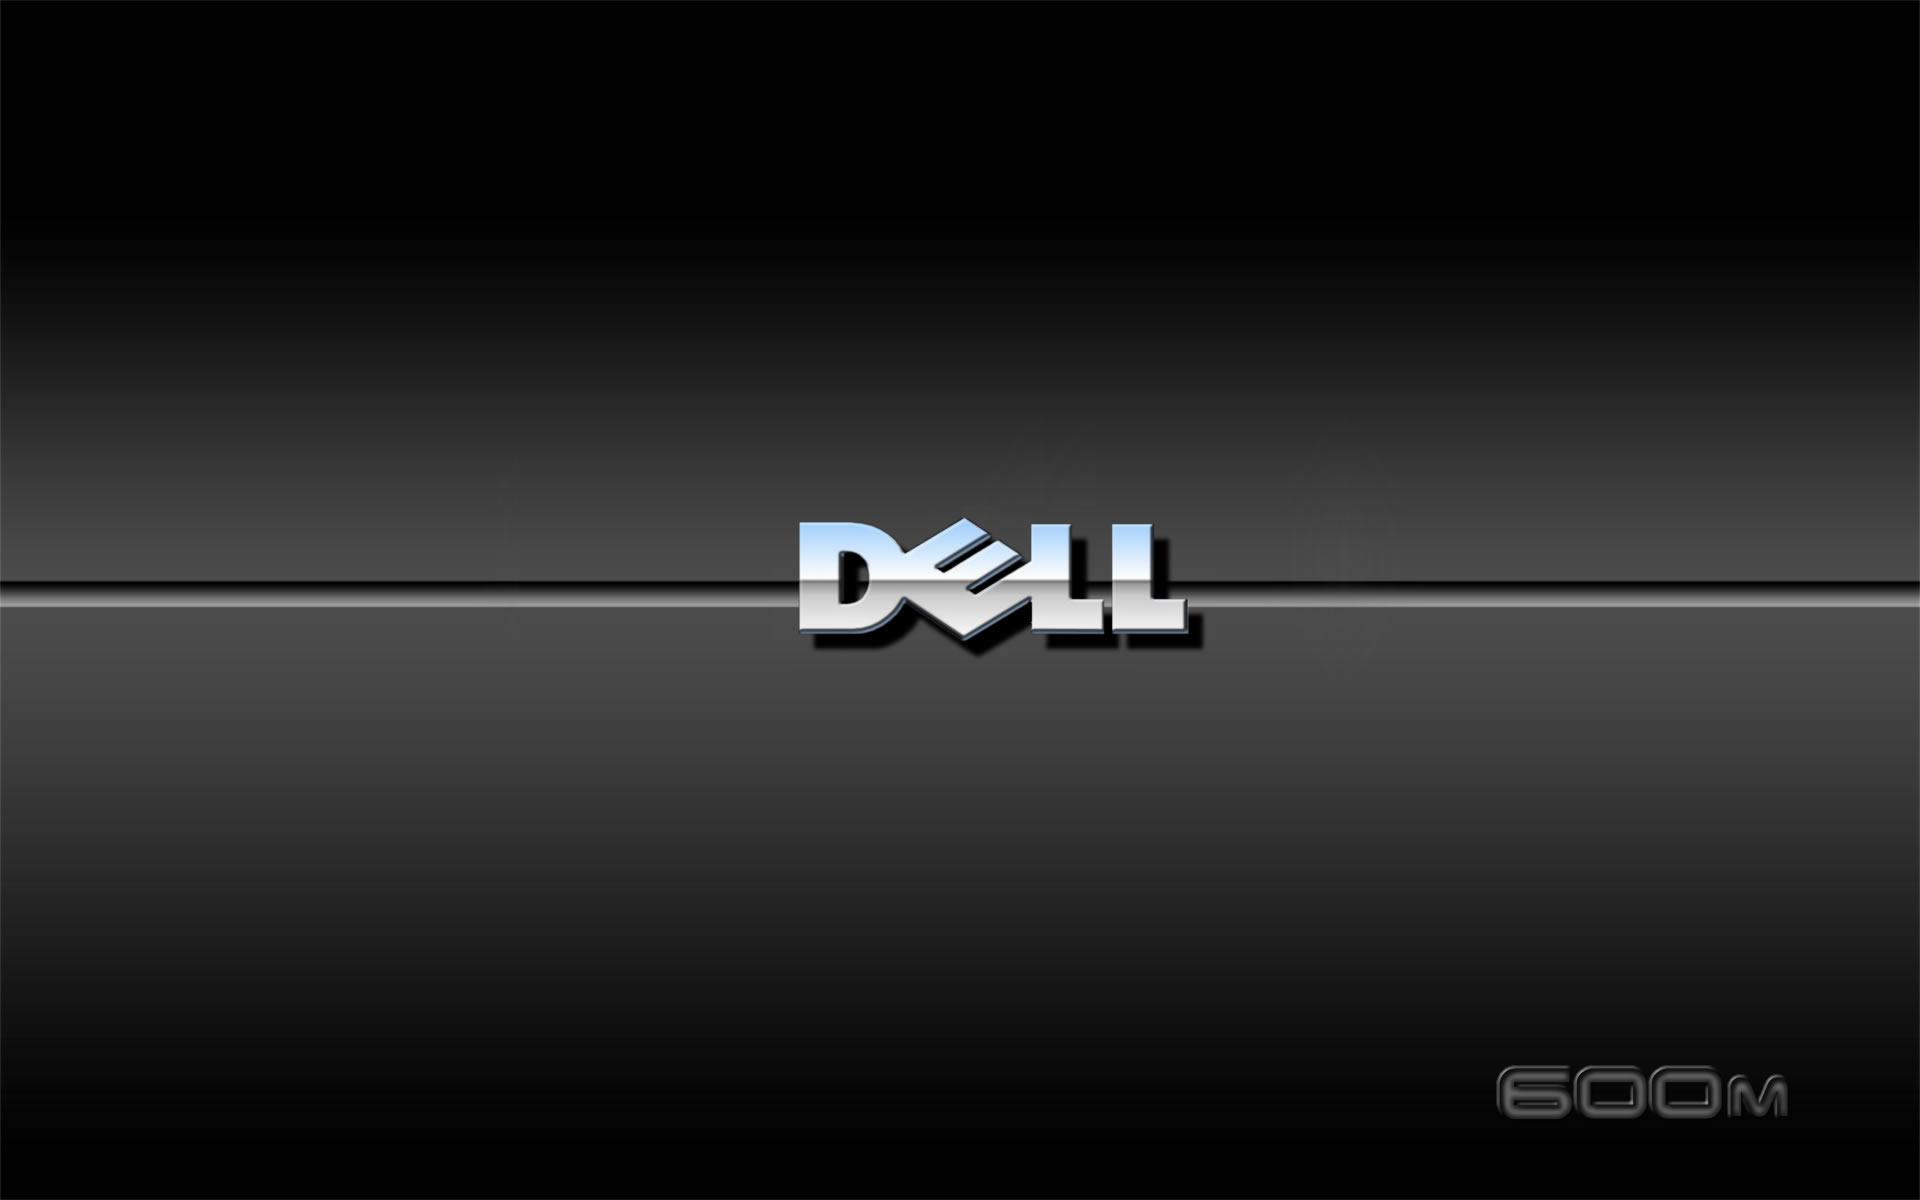 Fonds dcran Dell tous les wallpapers Dell 1920x1200